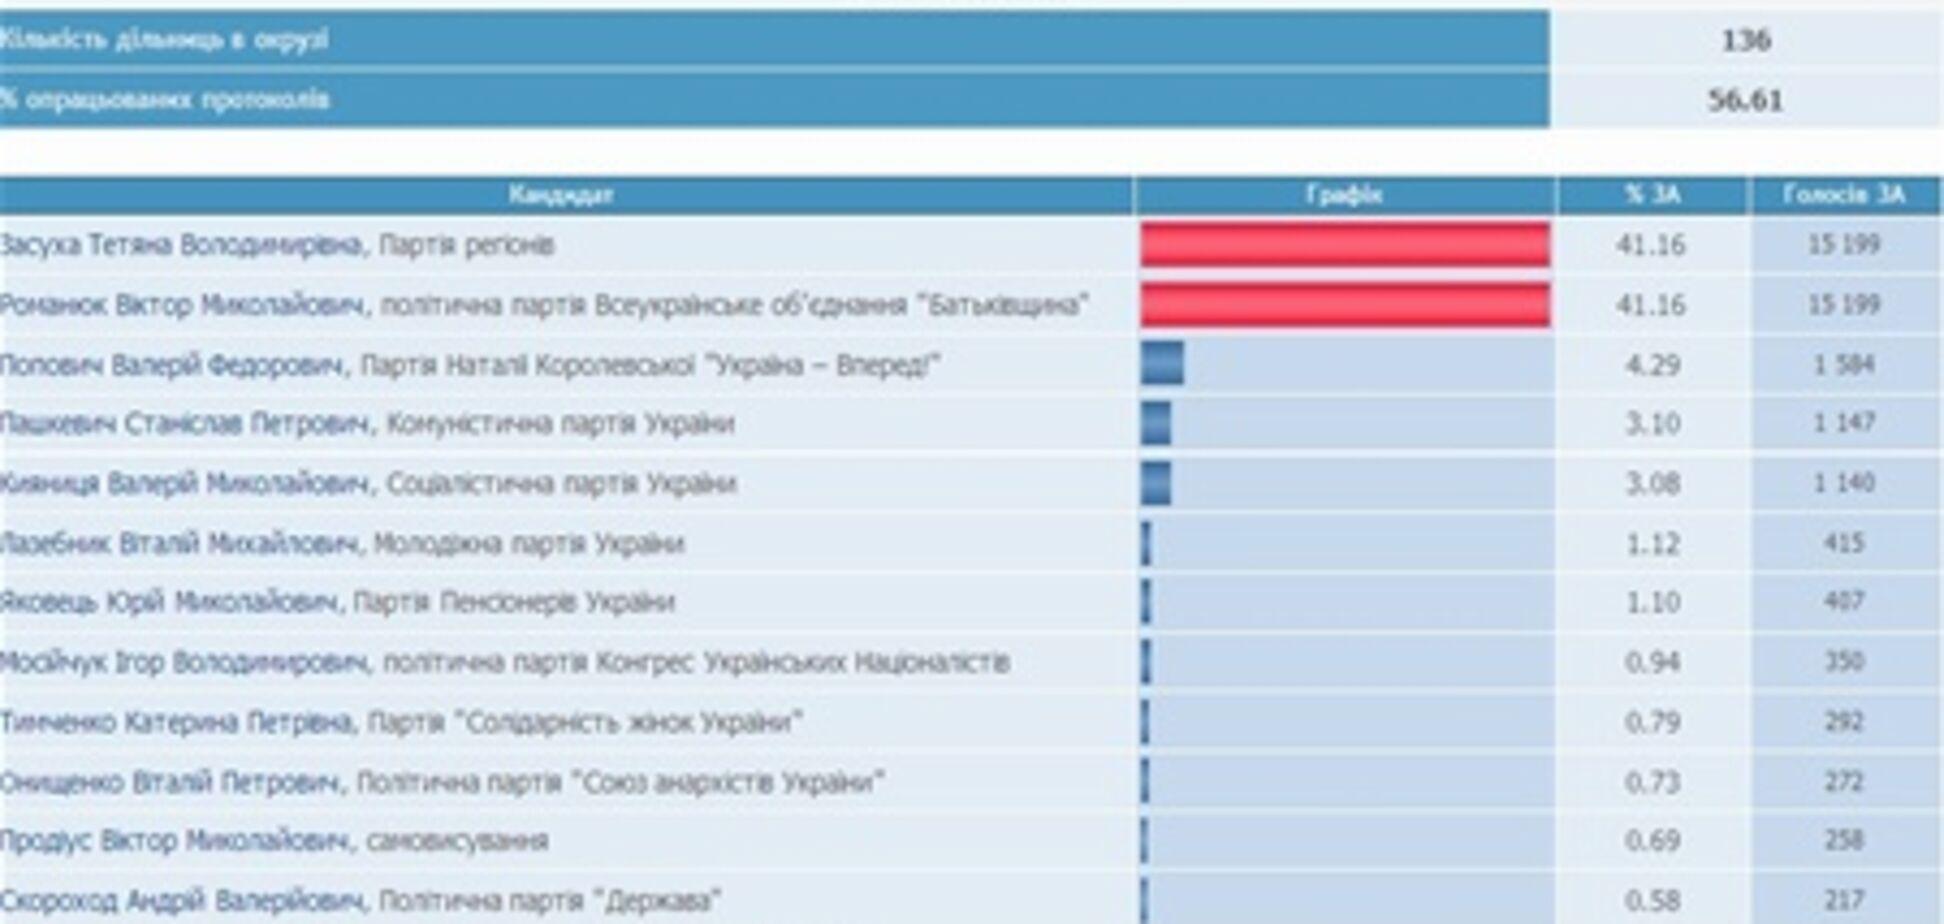 На Киевщине кандидаты от ПР и оппозиции набрали одинаковое число голосов. Фото